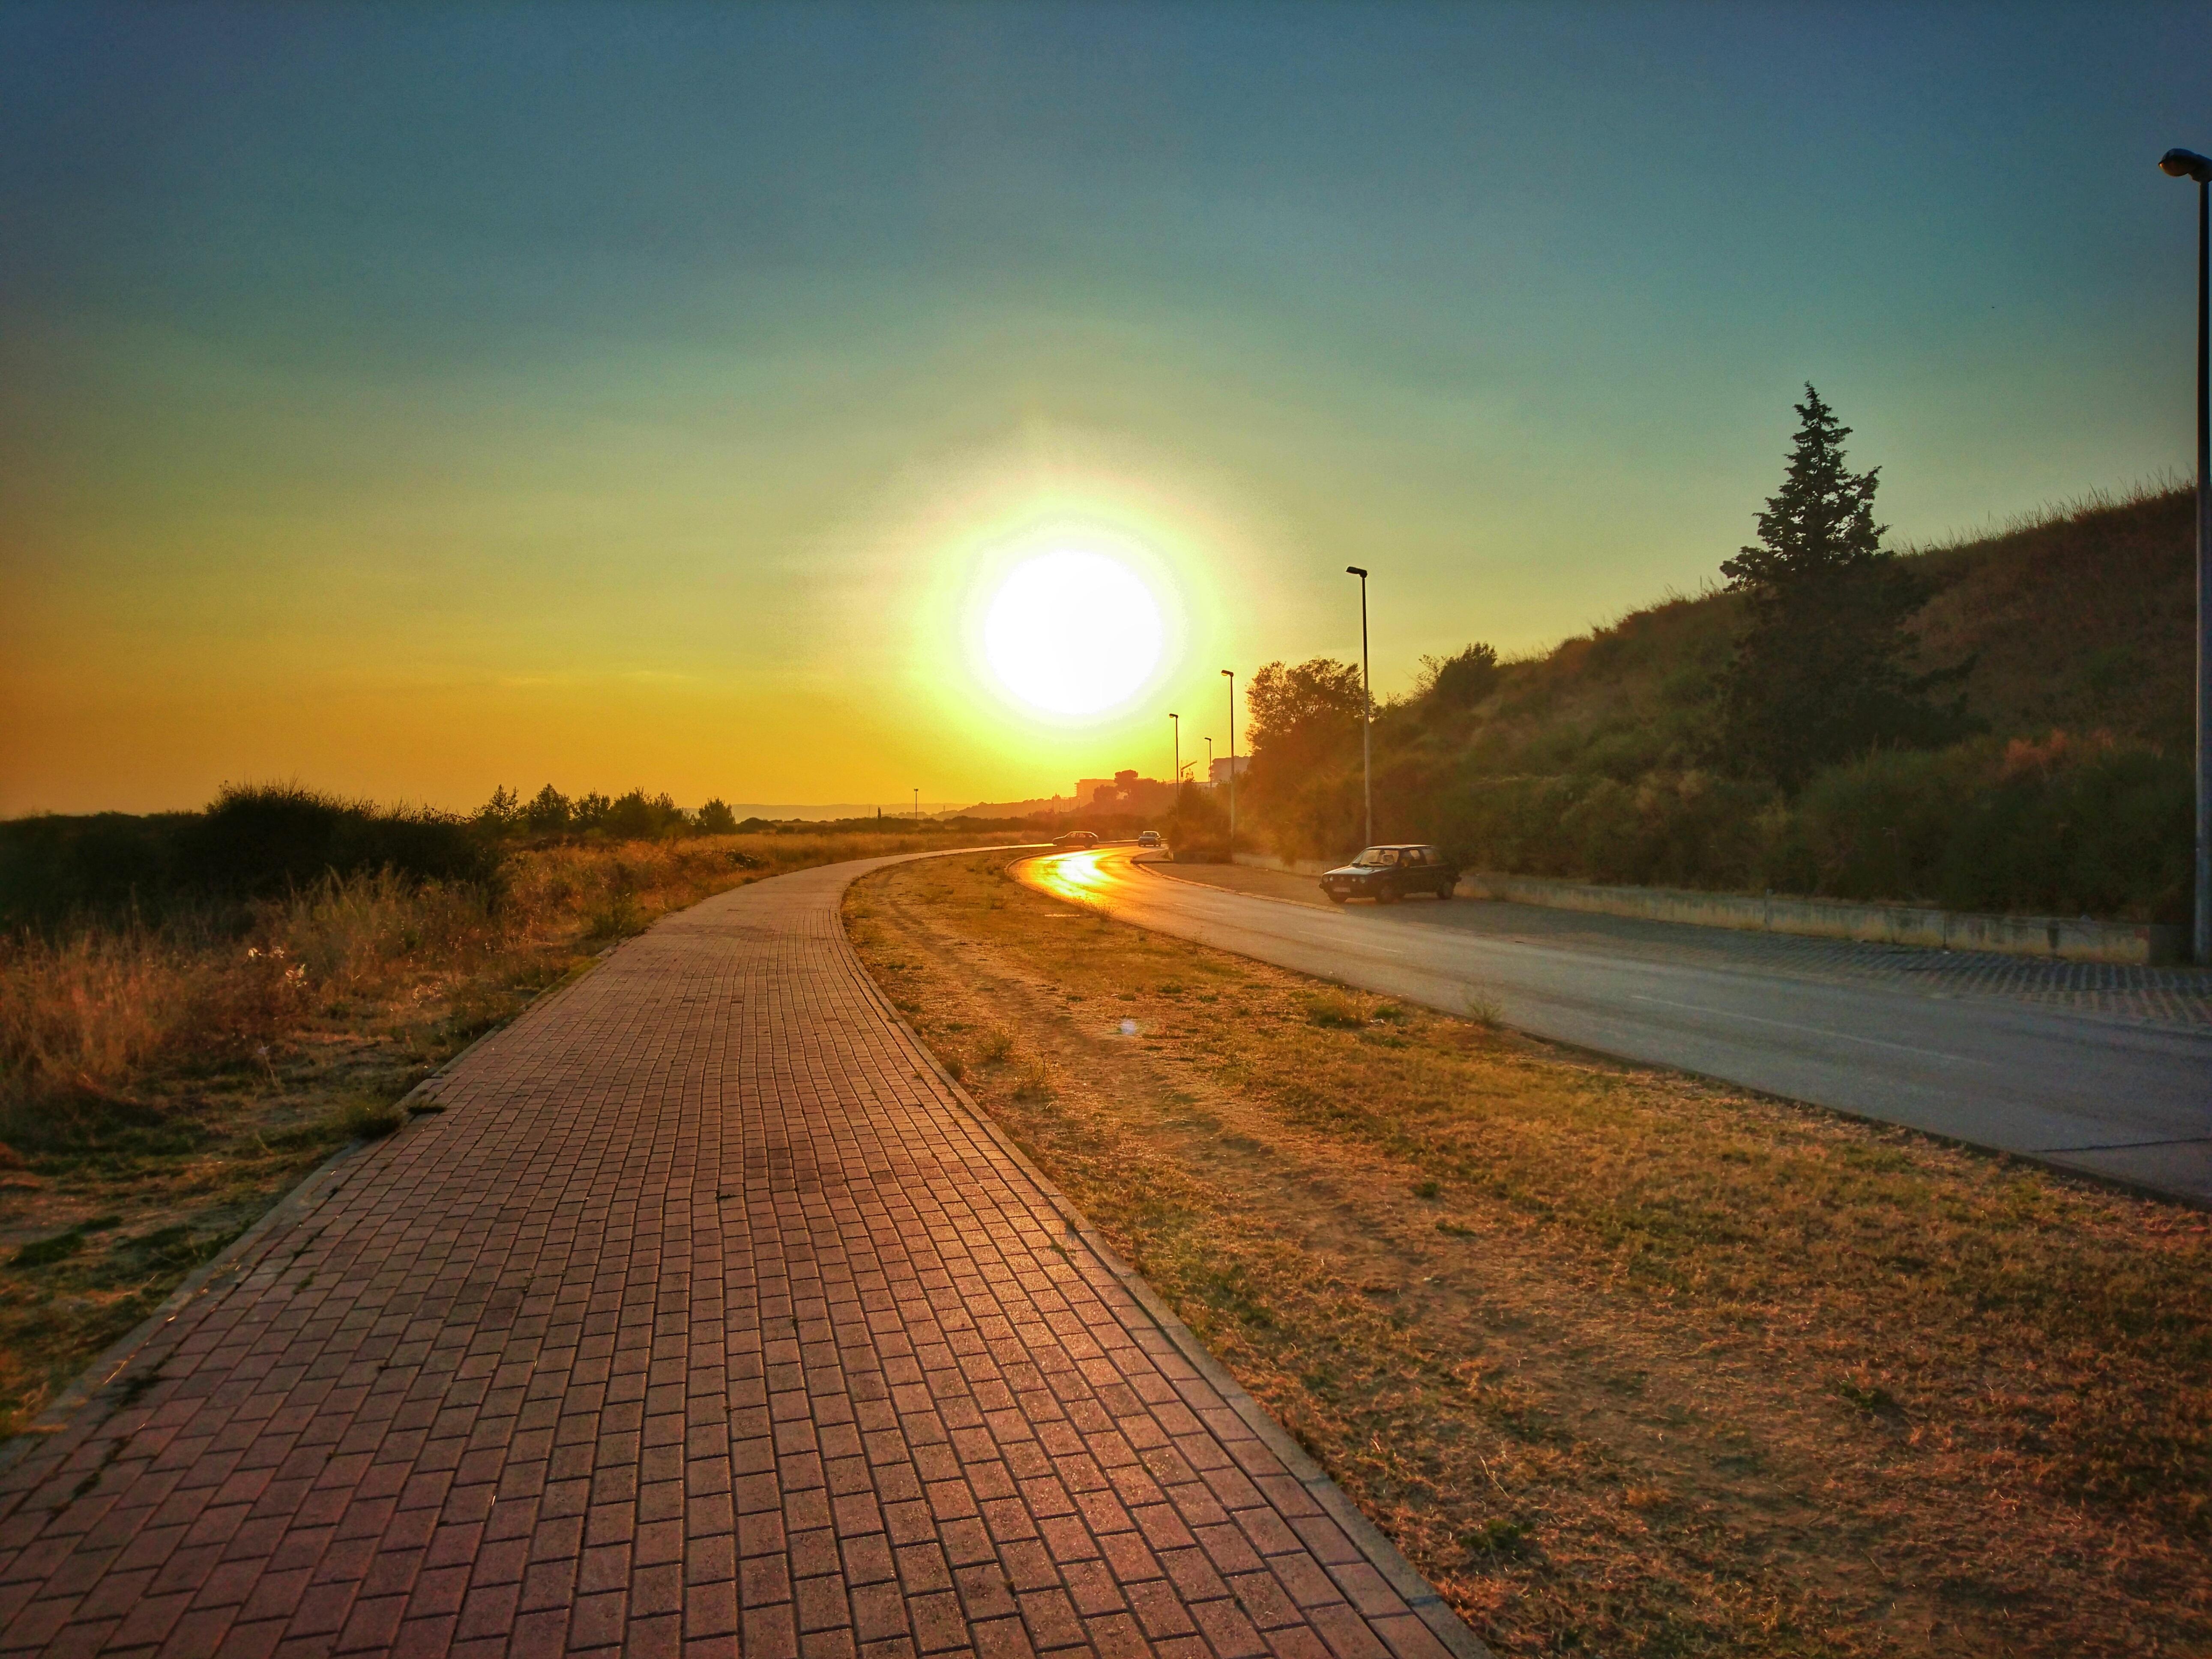 солнце на дороге картинки элемент пришел